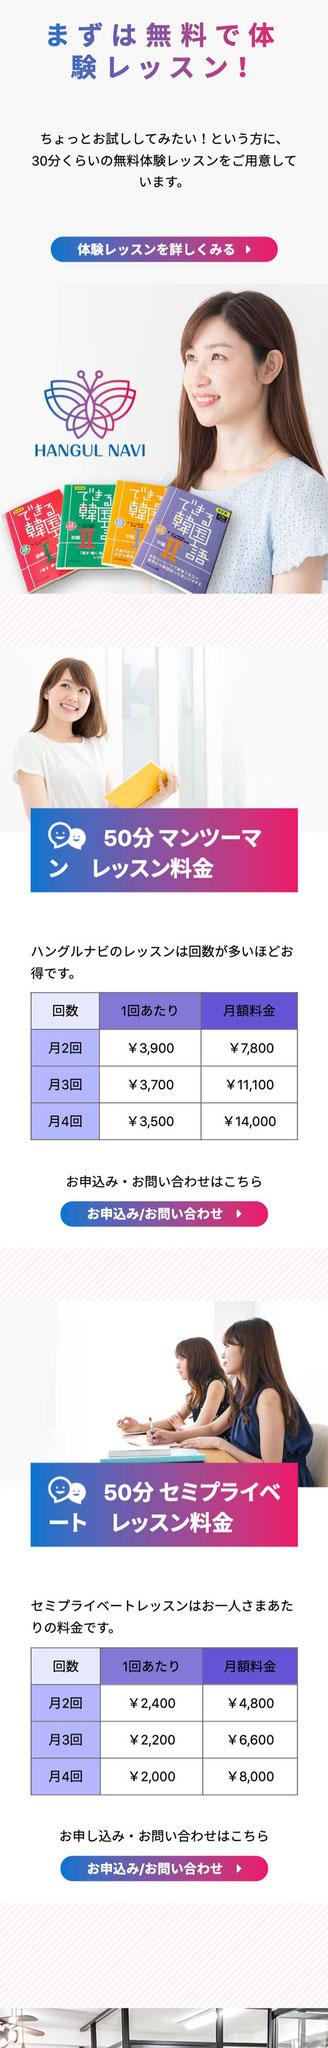 「コース&料金」ページのモバイル表示2